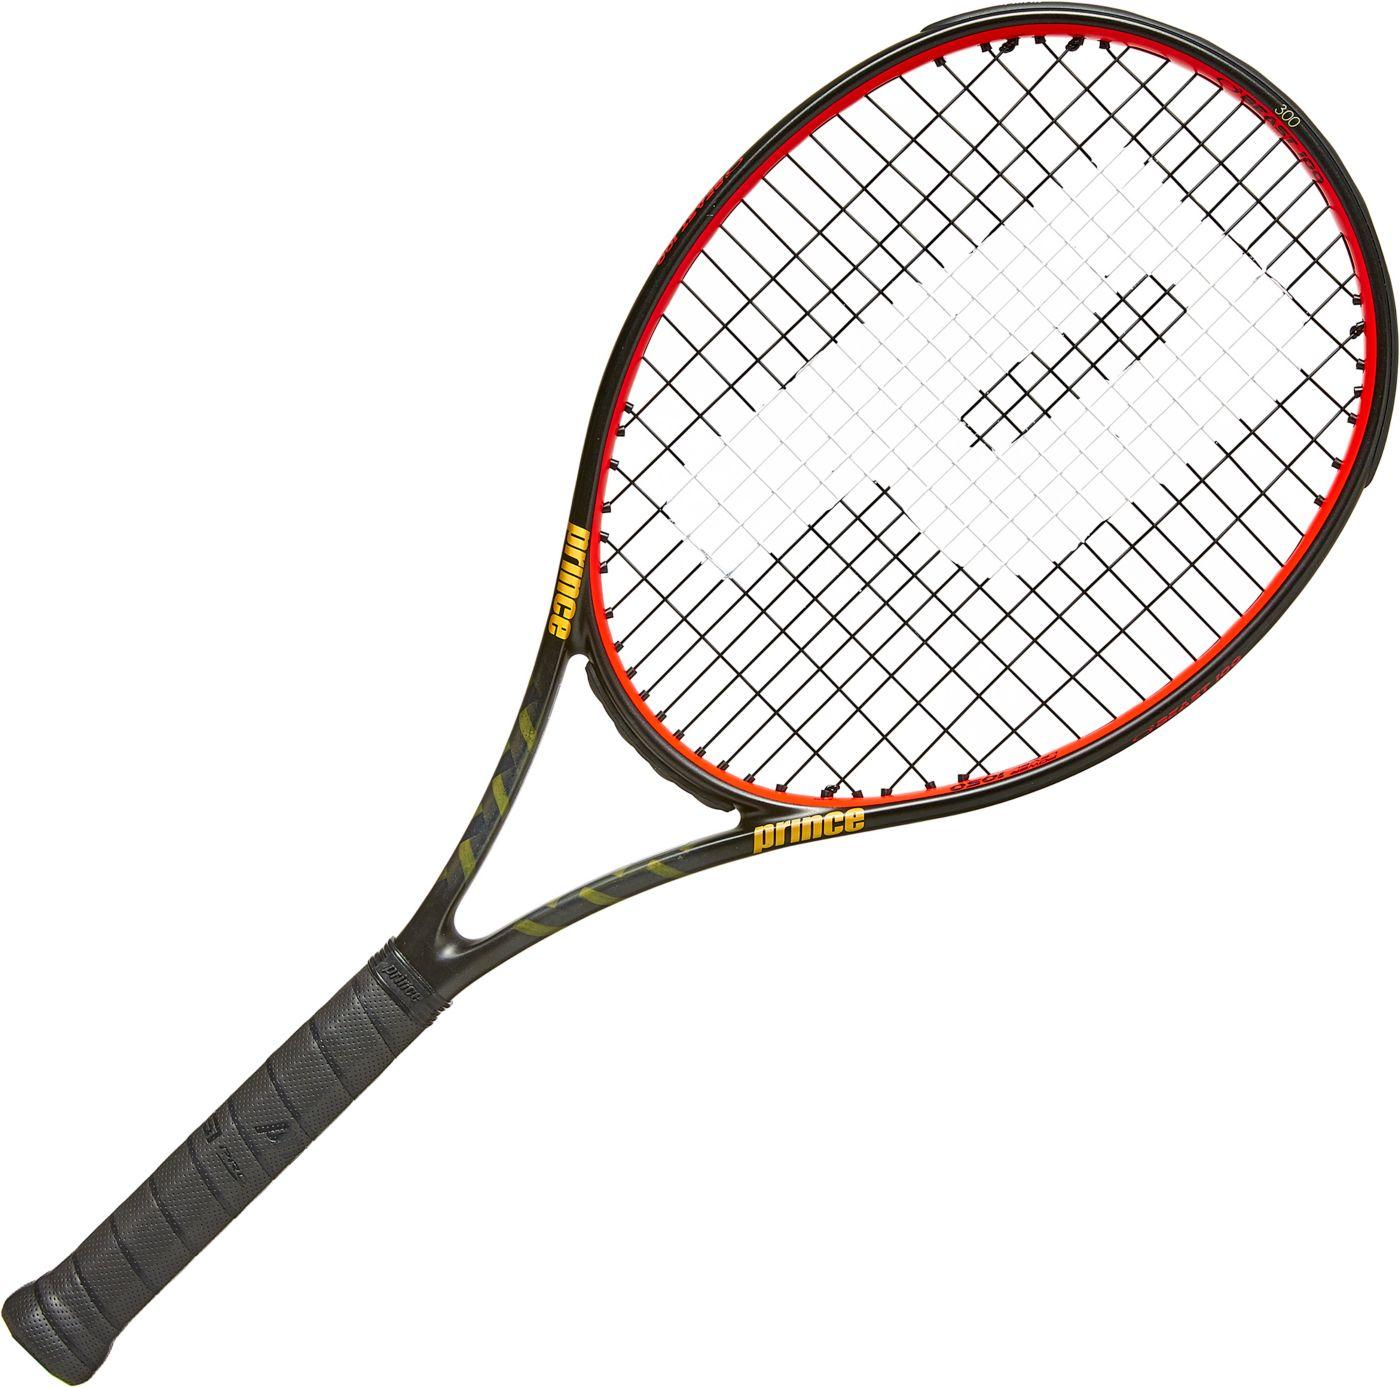 Prince Beast 100 Tennis Racquet